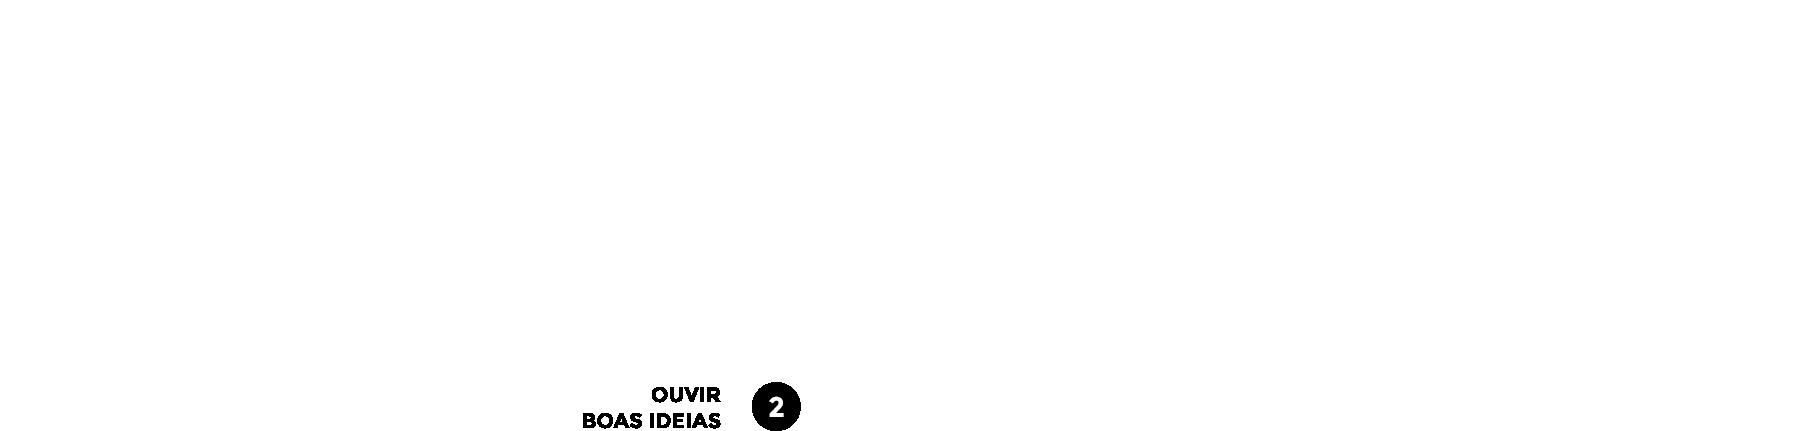 header-home-schrift-animation7